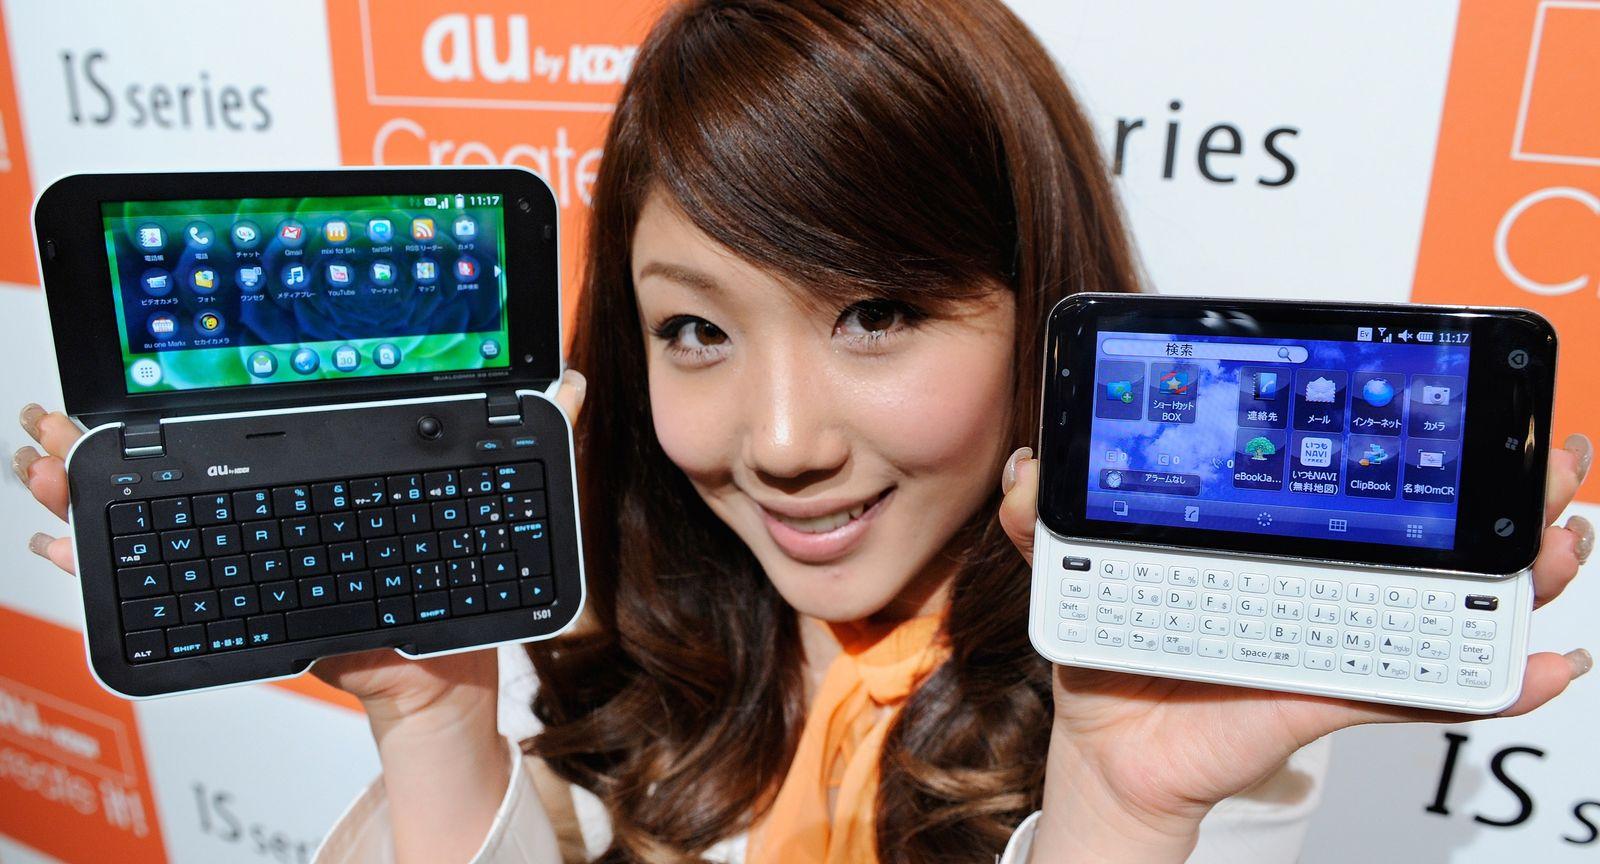 JAPAN-TELECOM-KDDI-SMARTPHONE